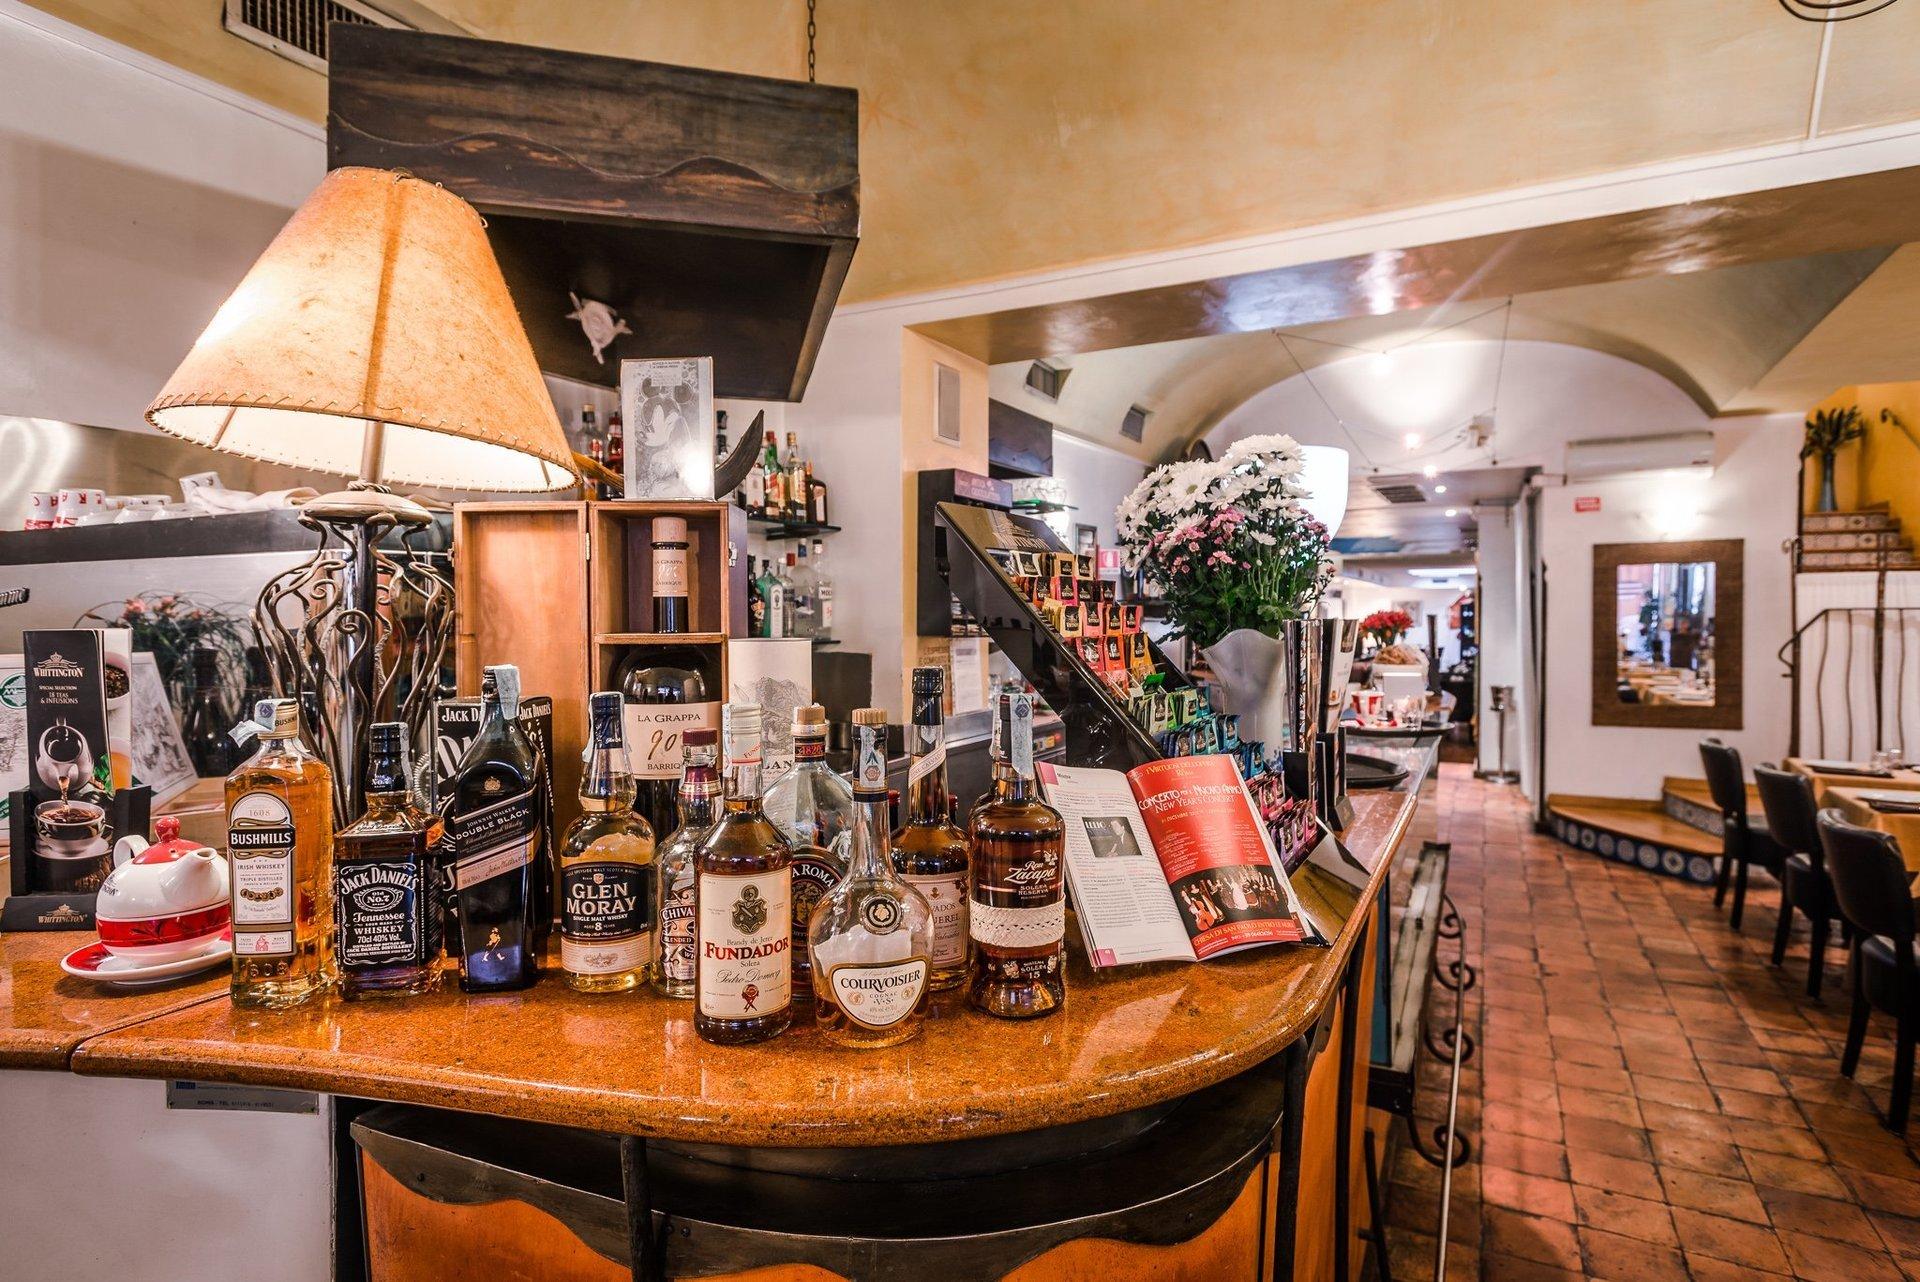 Ristorante e aperitivo tavoli all 39 aperto roma centro piazza di spagna antica osteria croce - Ristorante con tavoli all aperto roma ...